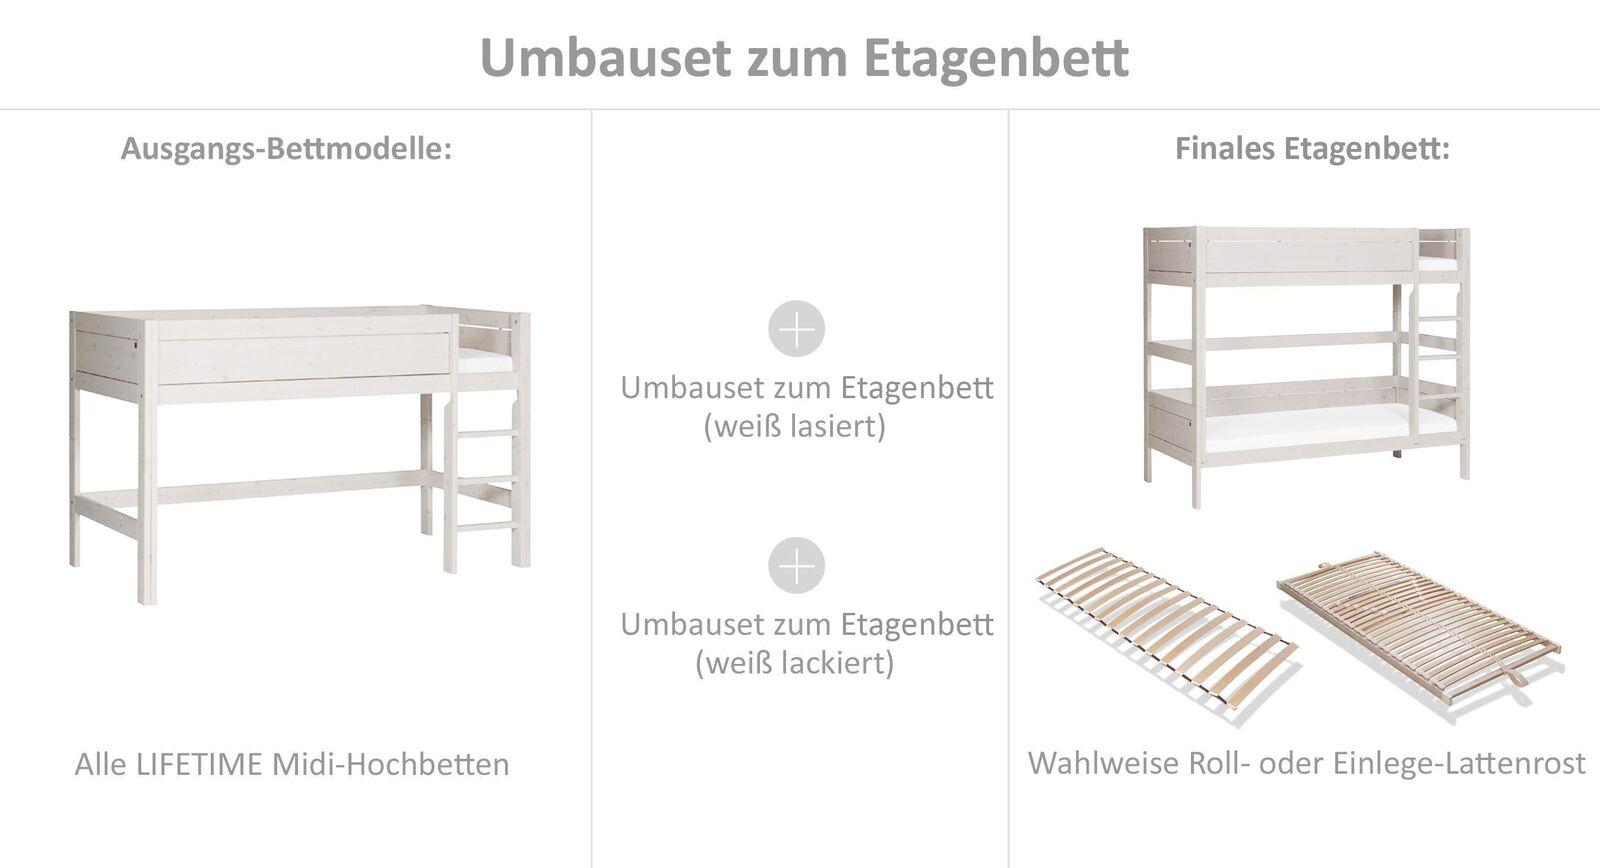 Hochwertiges LIFETIME Umbauset vom Midi-Hochbett zum Etagenbett